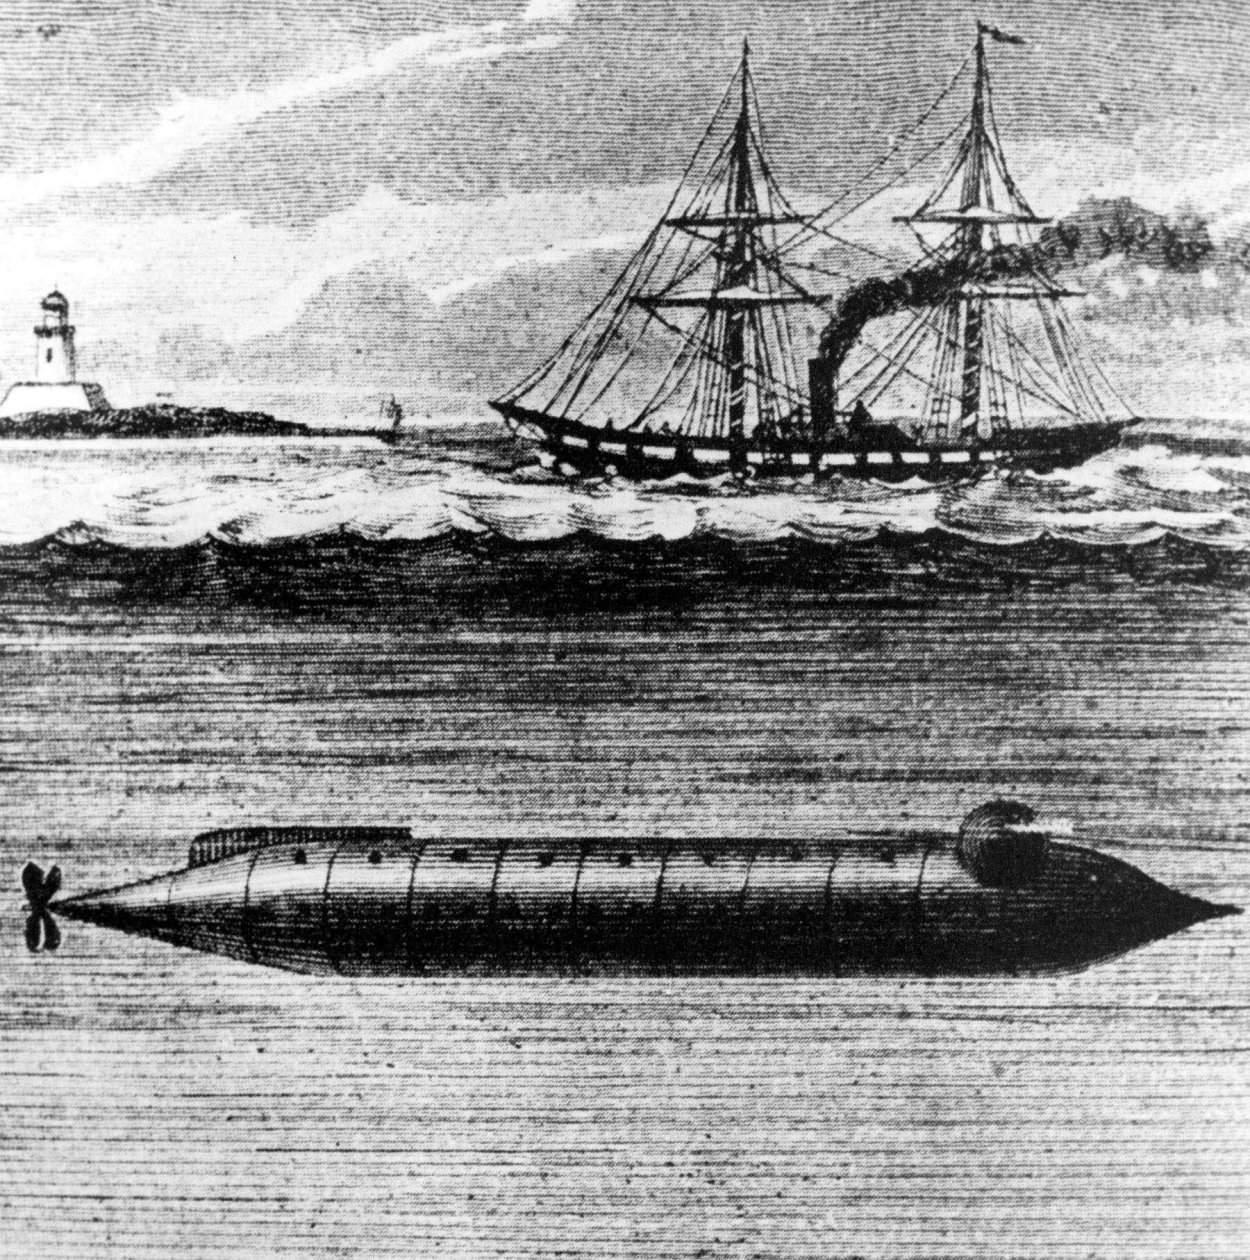 На первых иллюстрациях к роману не только подводный корабль, но и охотящийся на него паровой фрегат изображены вовсе без флагов.